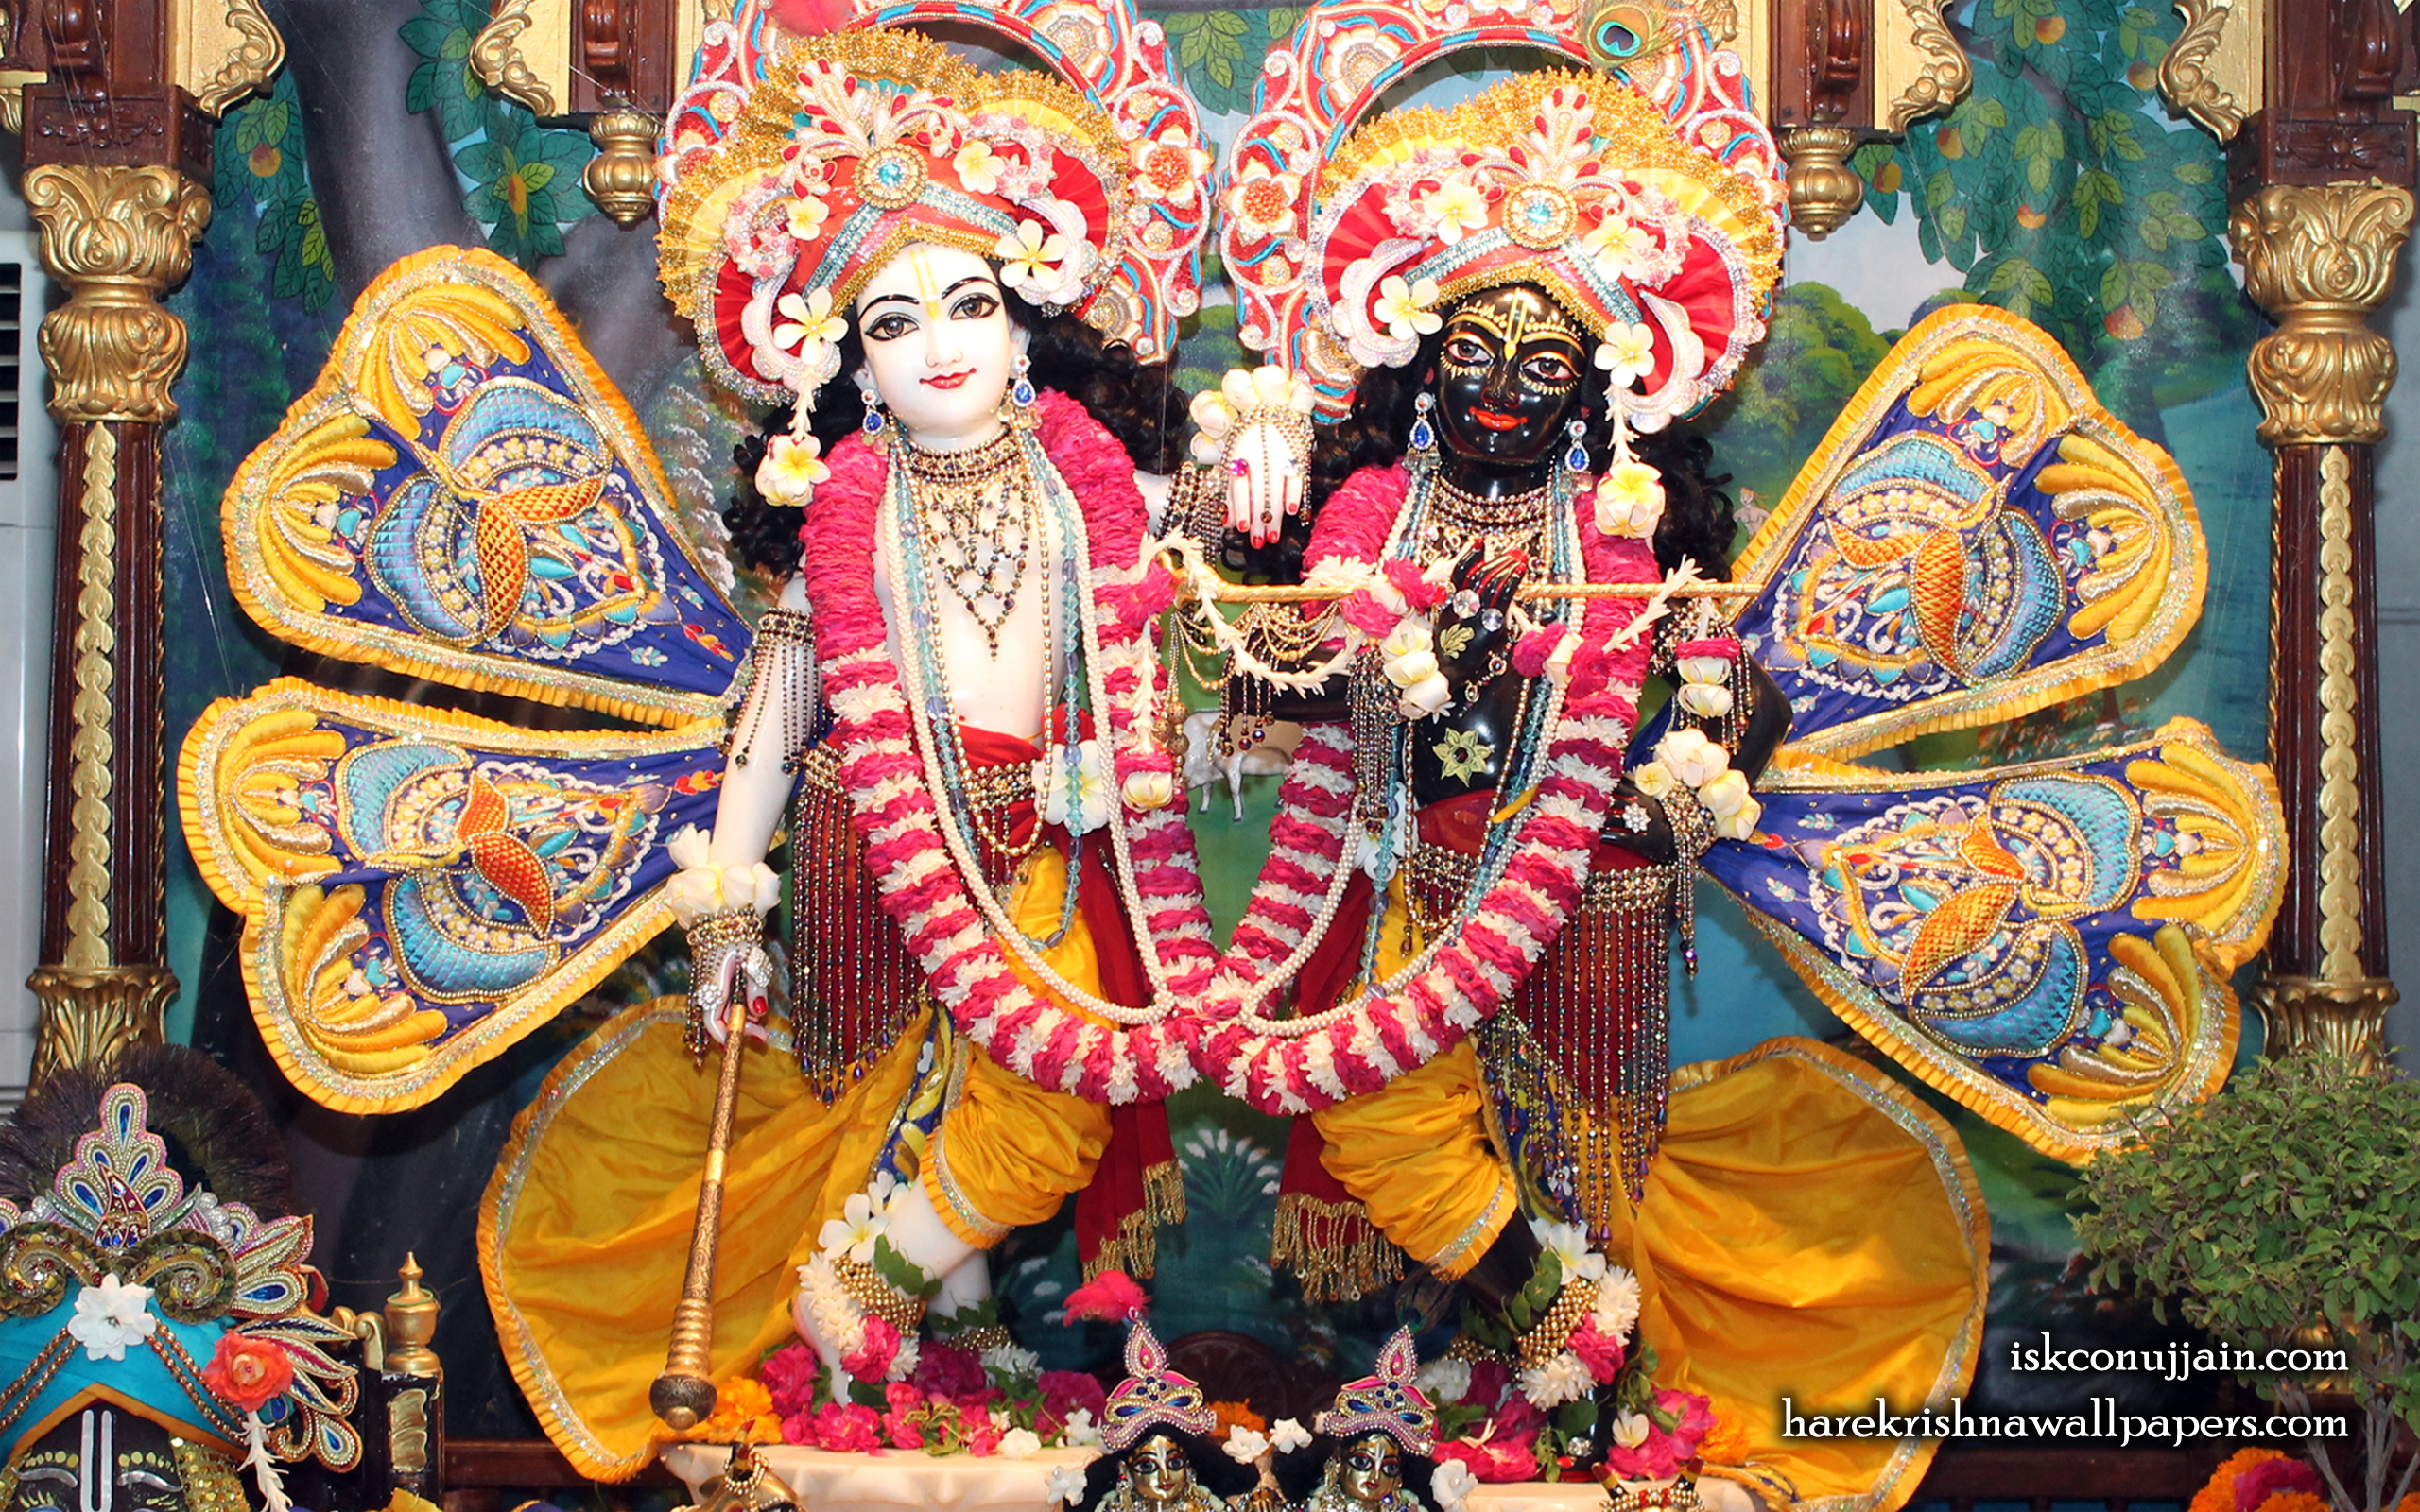 Sri Sri Krishna Balaram Wallpaper (011) Size 2560x1600 Download